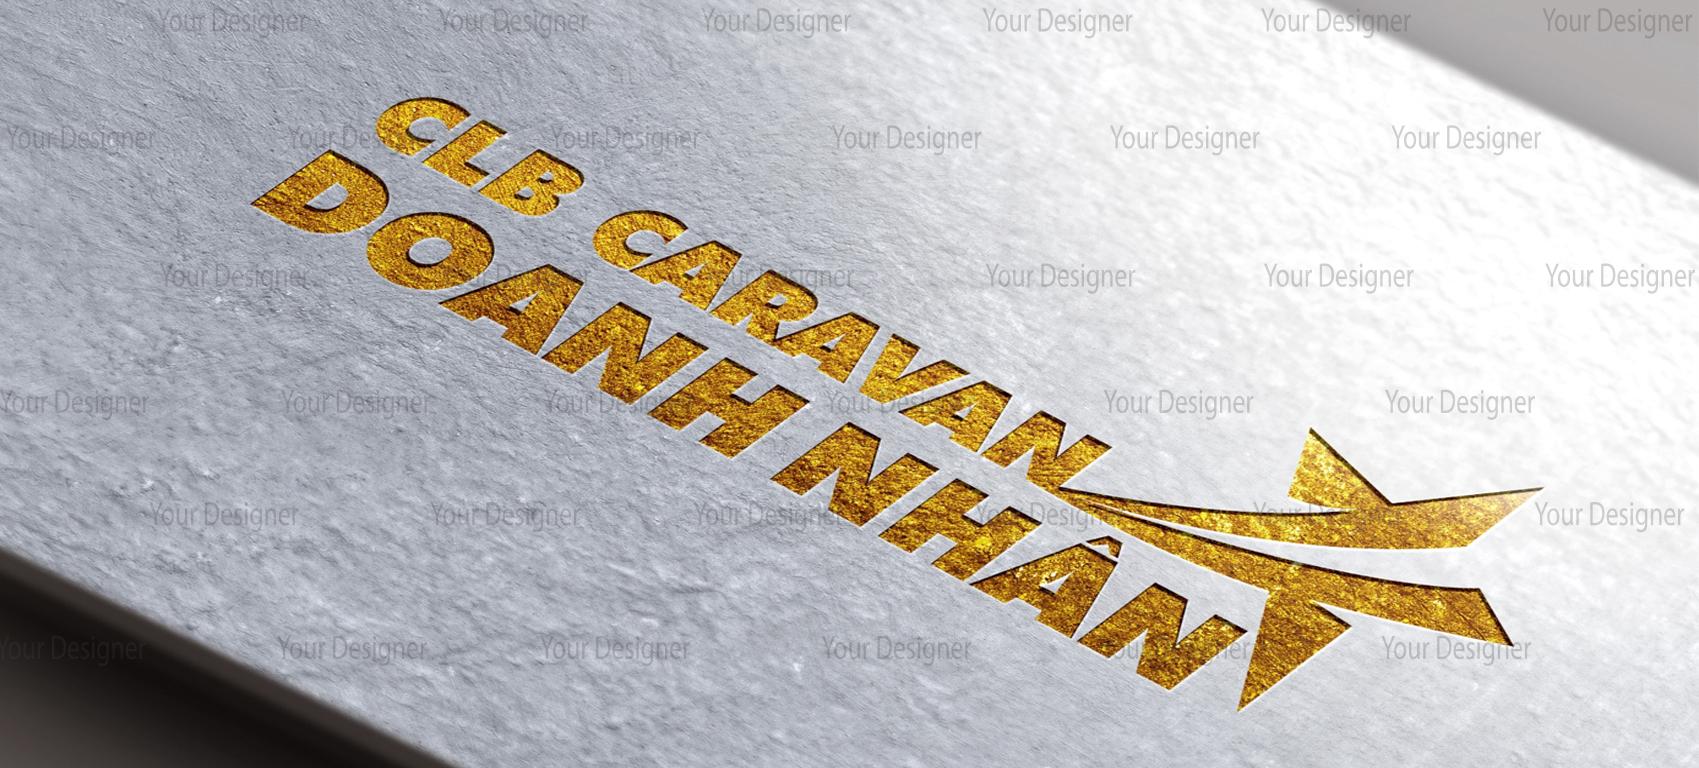 dịch vụ thiết kế logo hcm